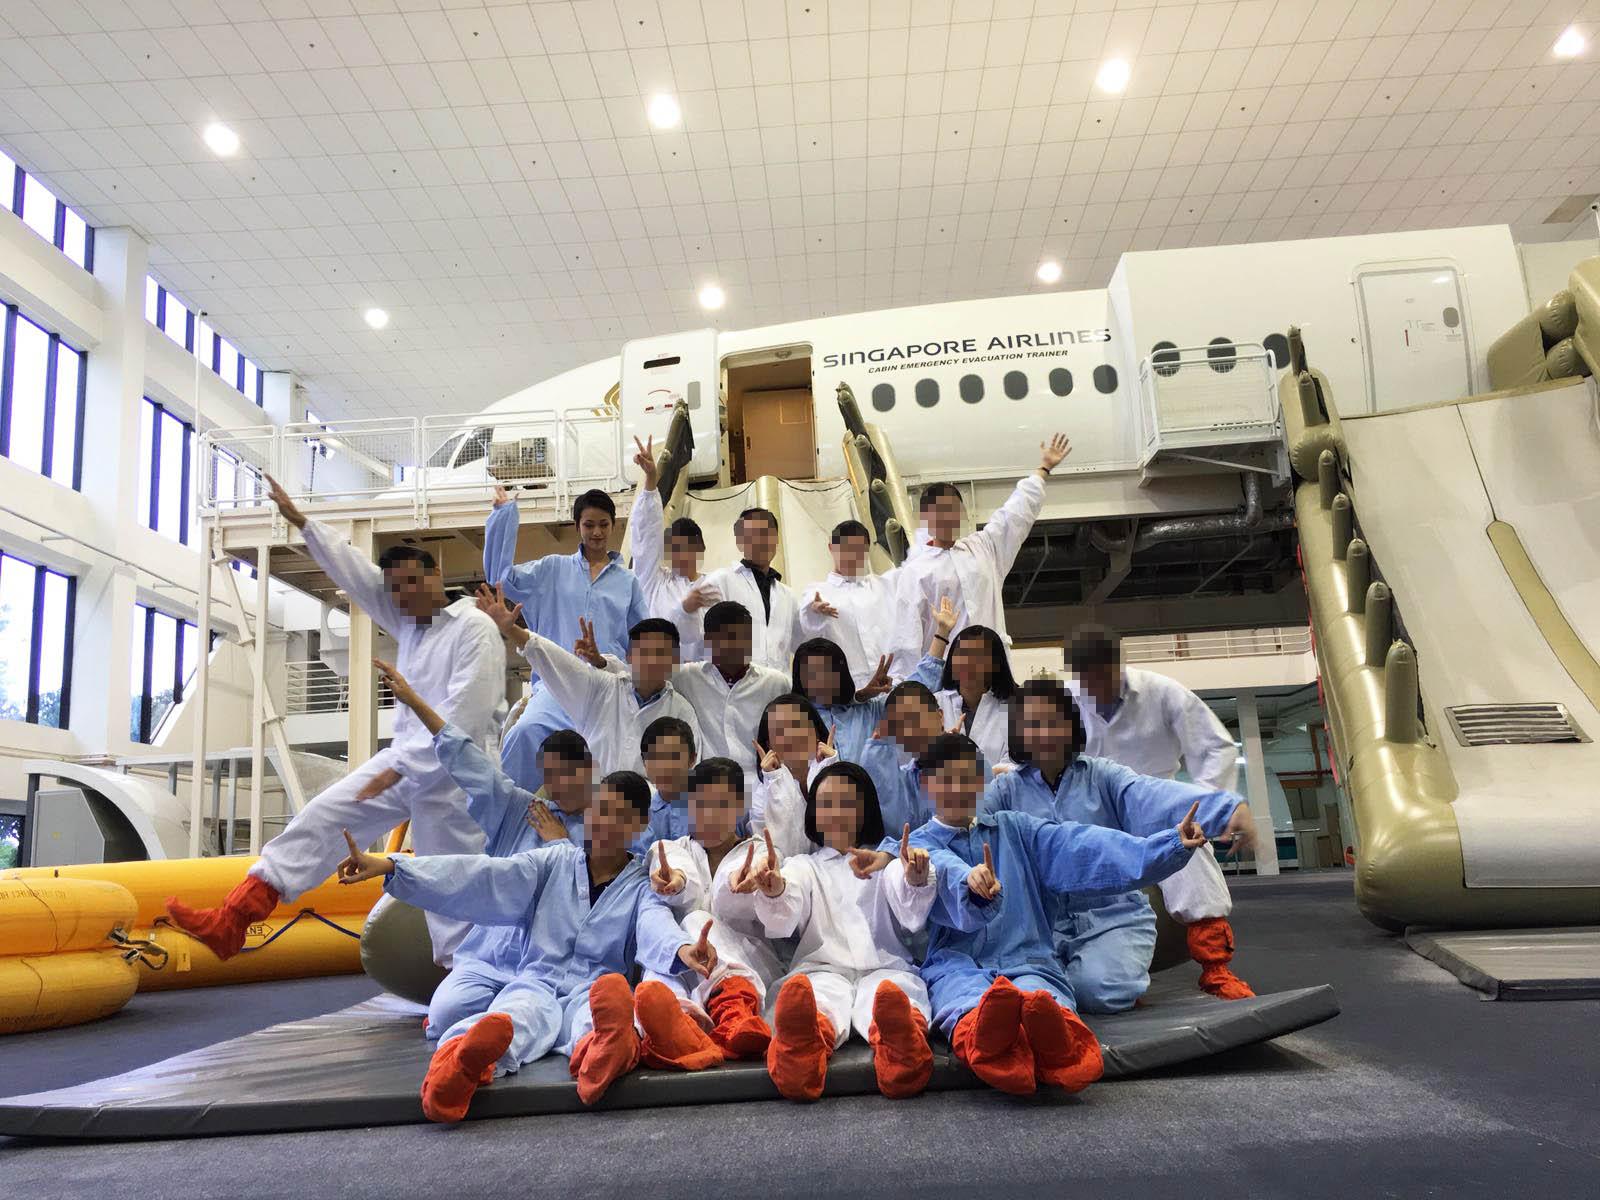 SIA cabin crew training